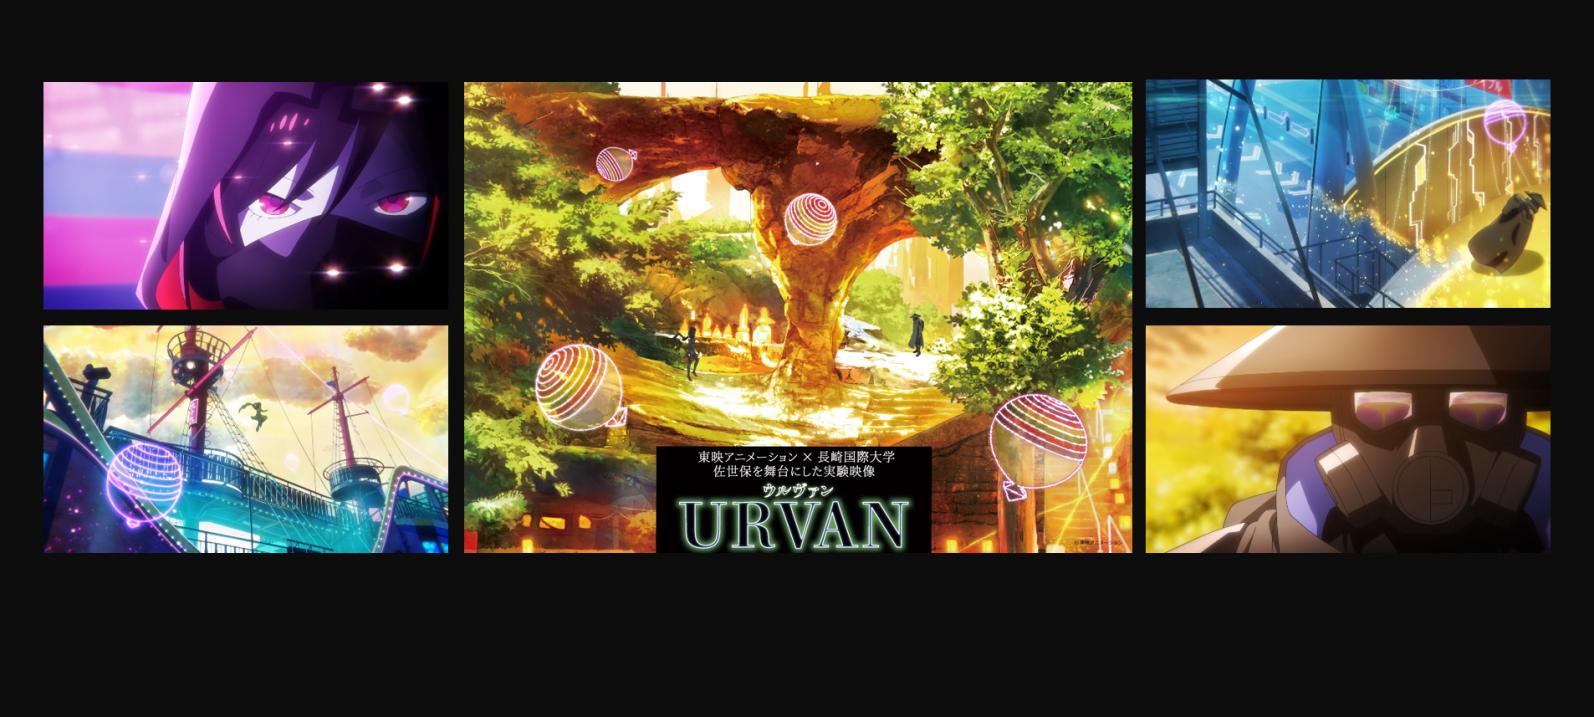 アニメ『URVAN』(ウルヴァン)舞台探訪モデルコース-1